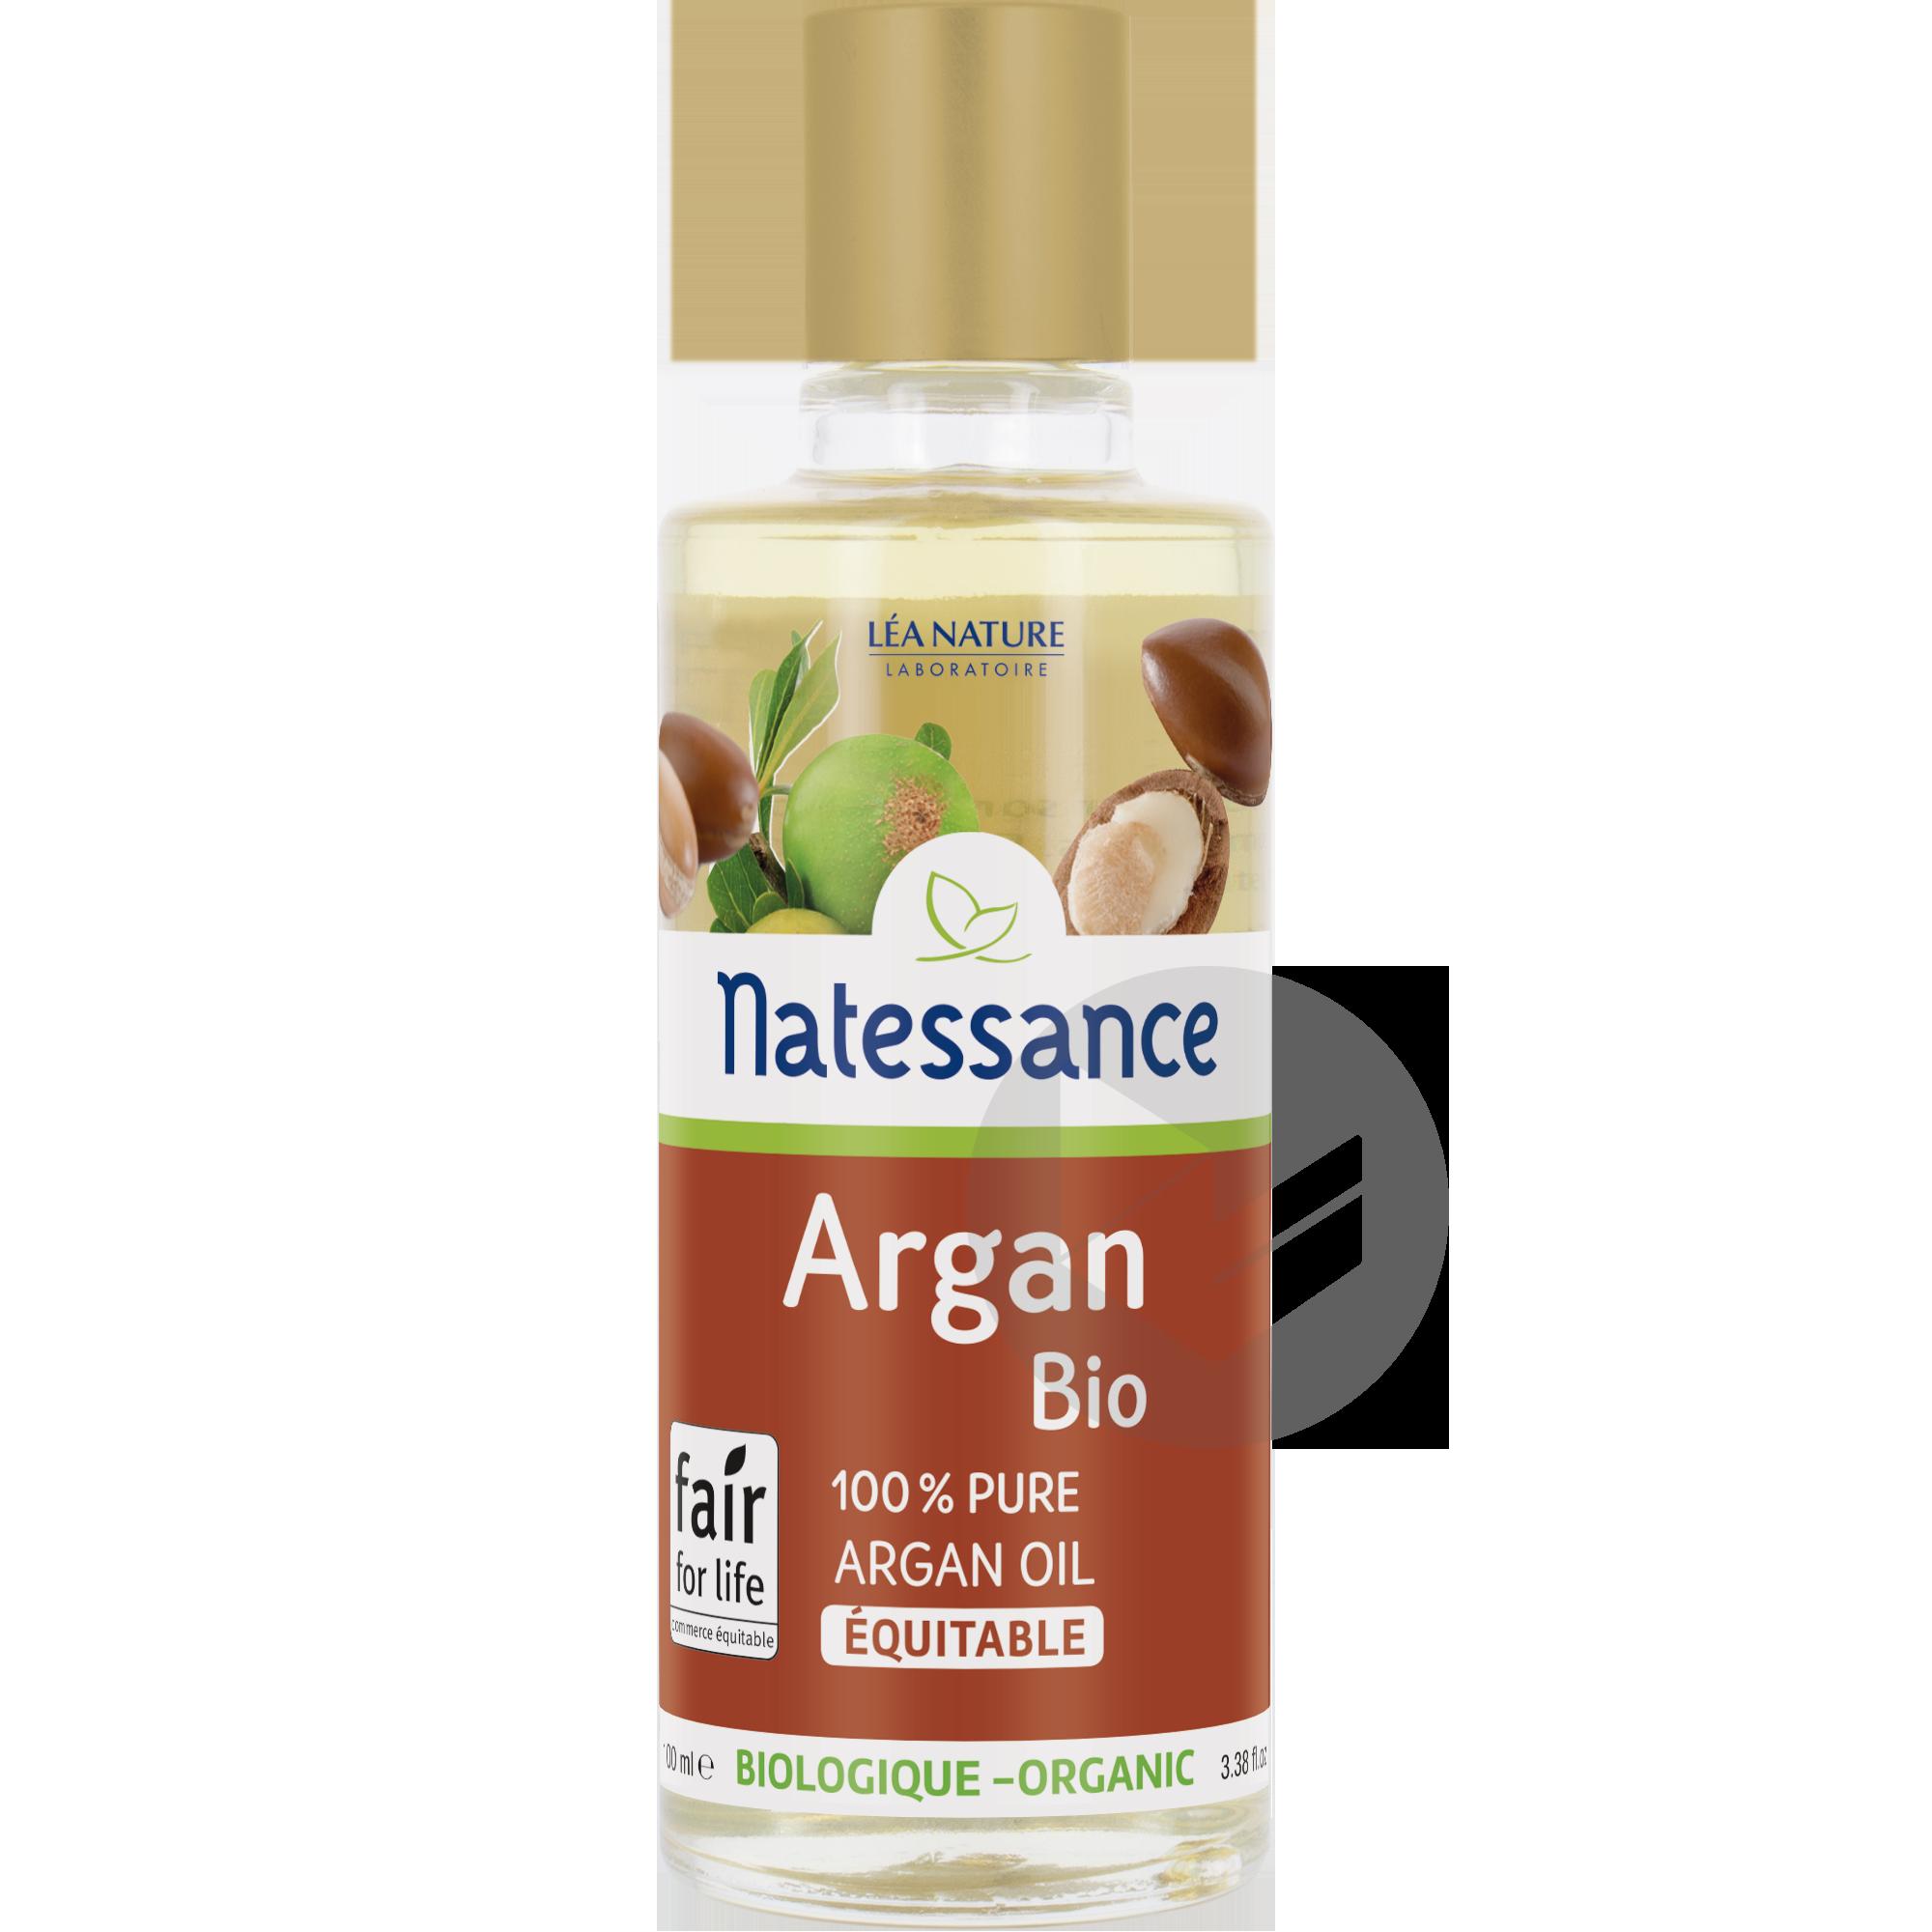 Huile d'Argan bio équitable - 100% pure